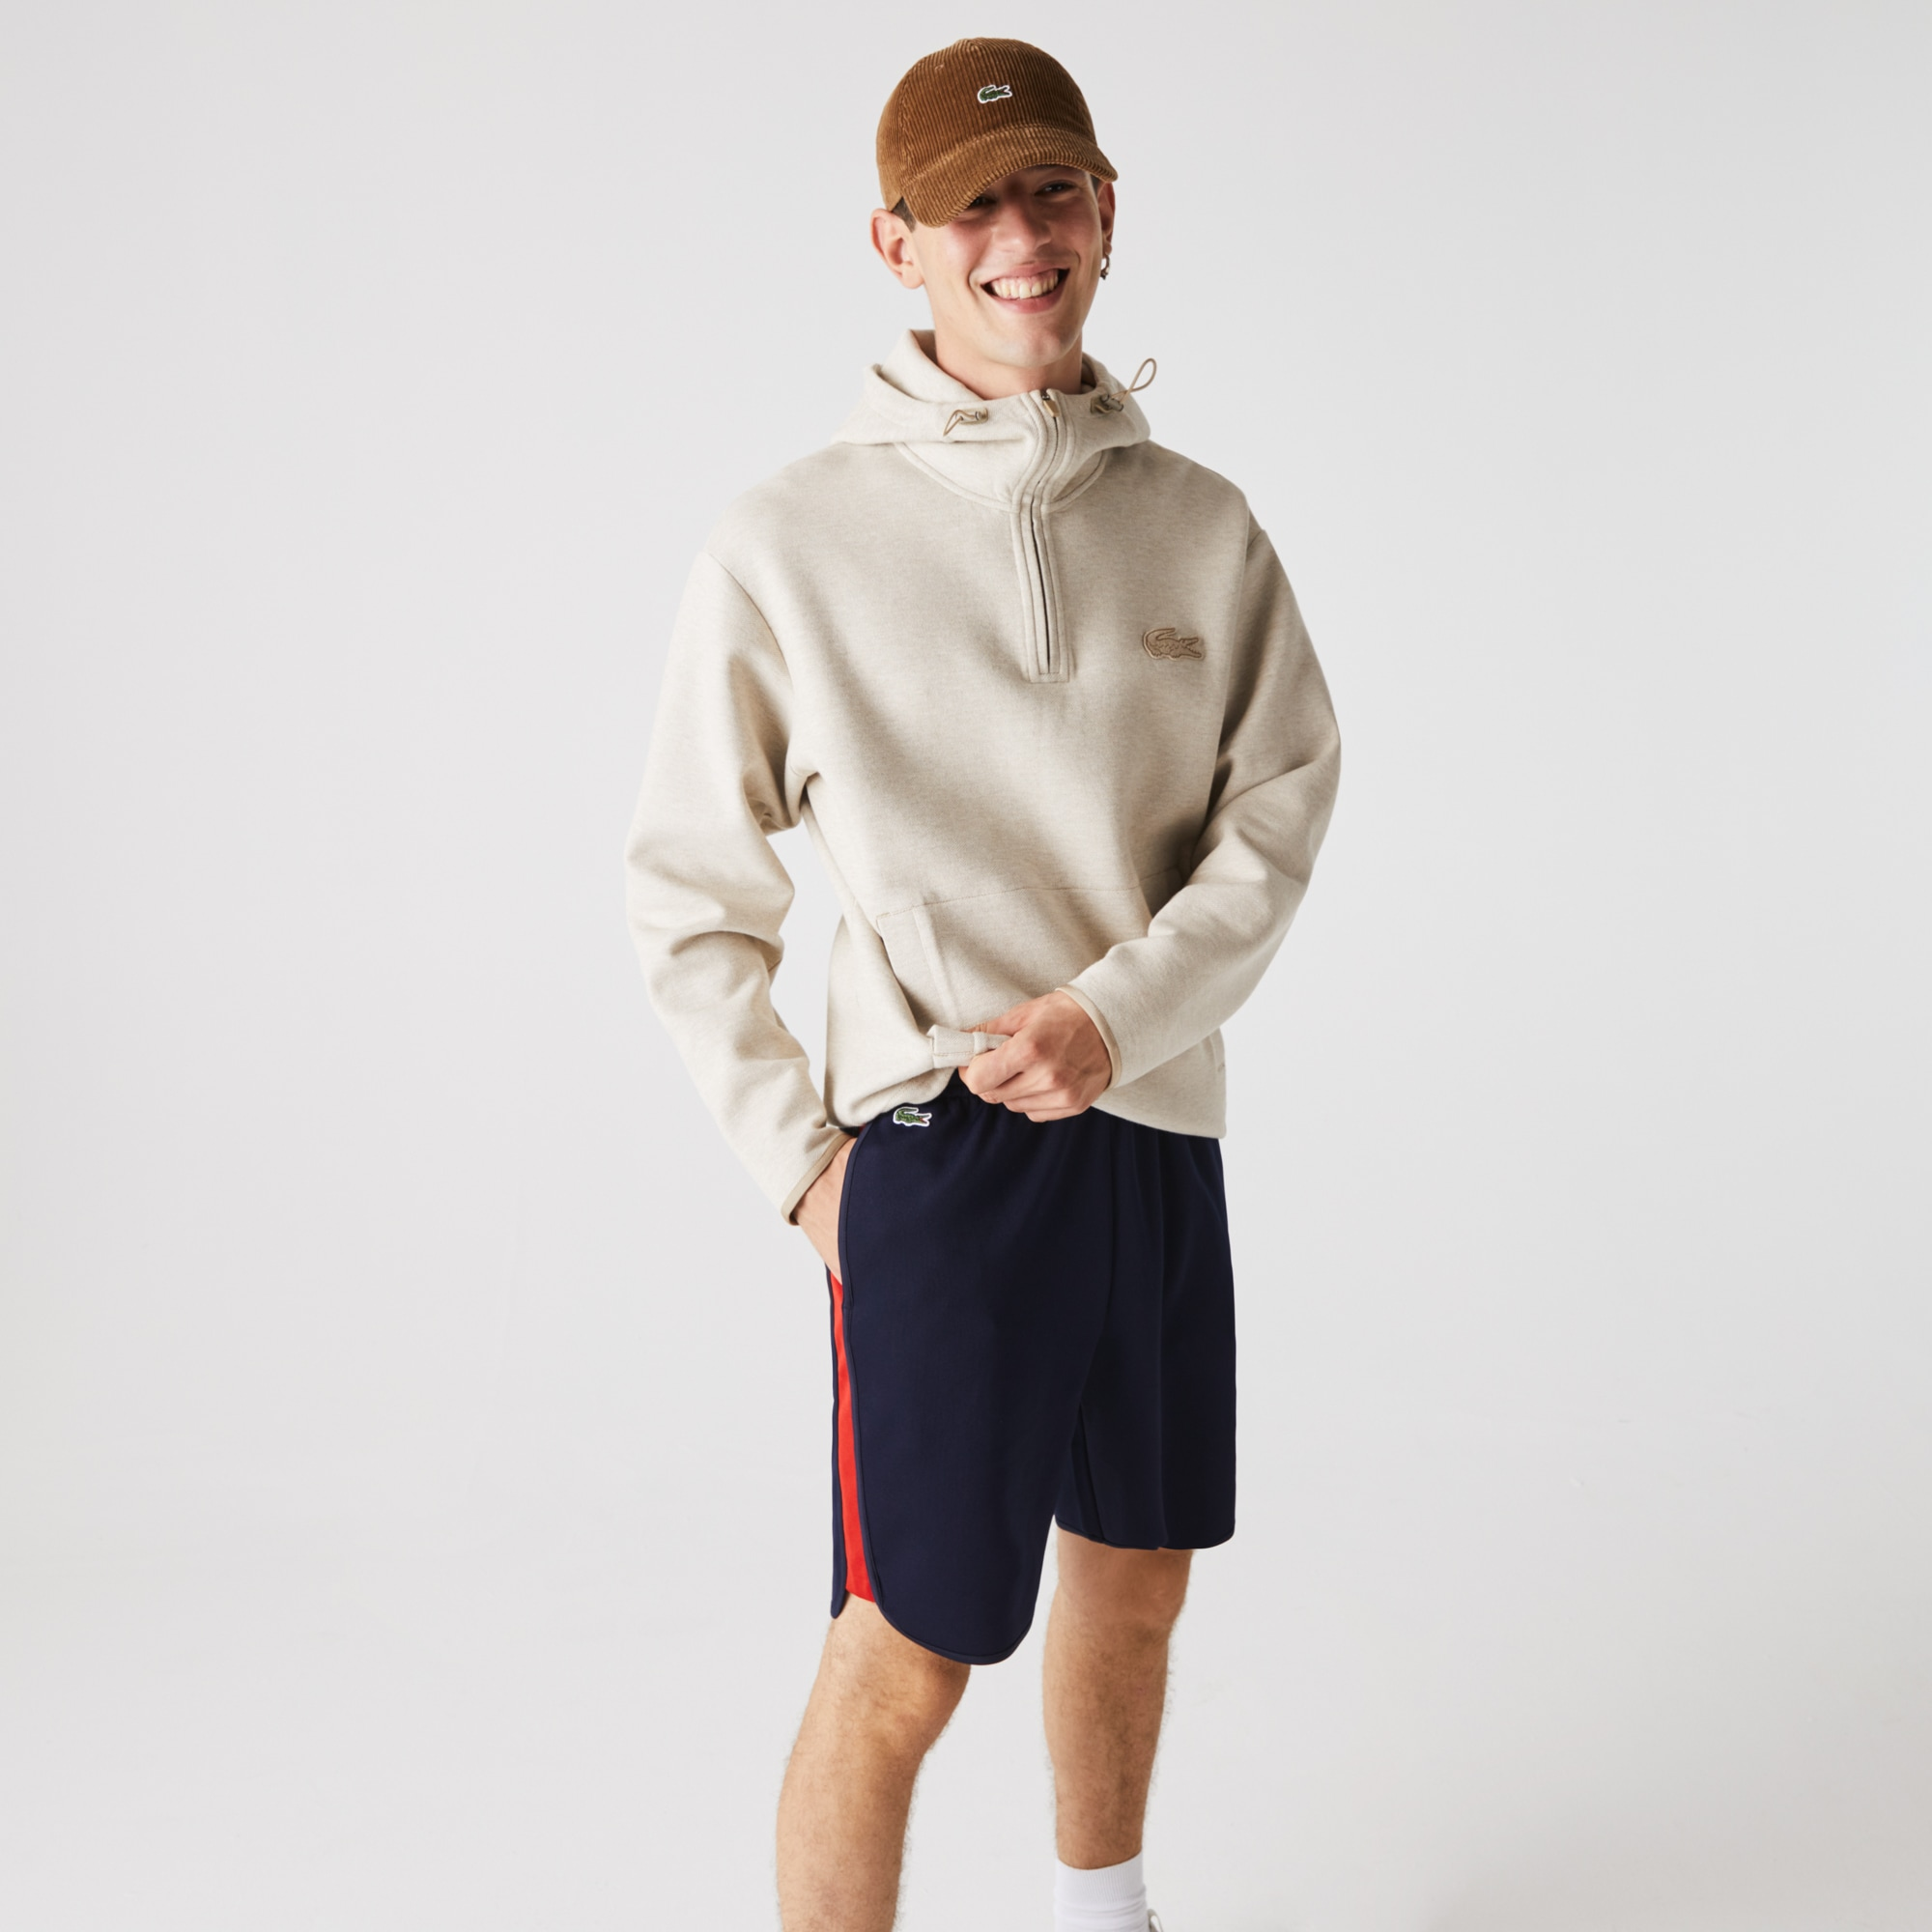 라코스테 스포츠 '랩 미 업 컬렉션' 배색 밴드 반바지 Mens Lacoste SPORT Contrast Bands Cotton Blend Shorts,Navy Blue / Red • 551